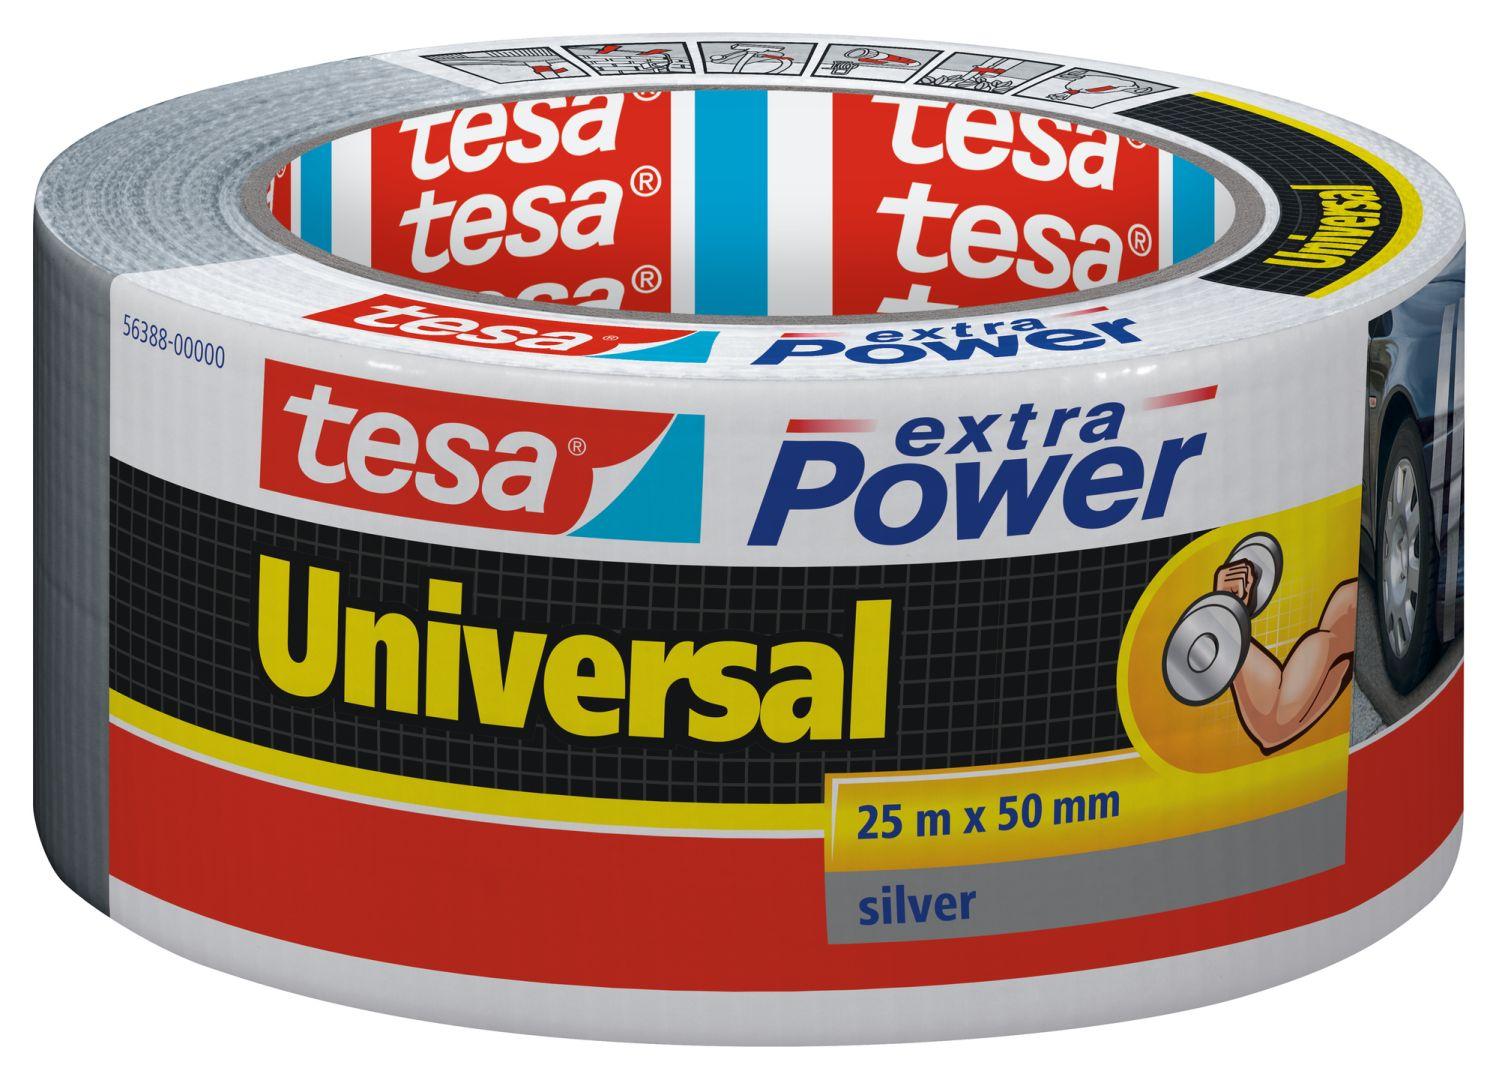 tesa extra Power universal, von Hand einreißbar, hohe Wetterfestigkeit, schwarz, 25 m x 50 mm